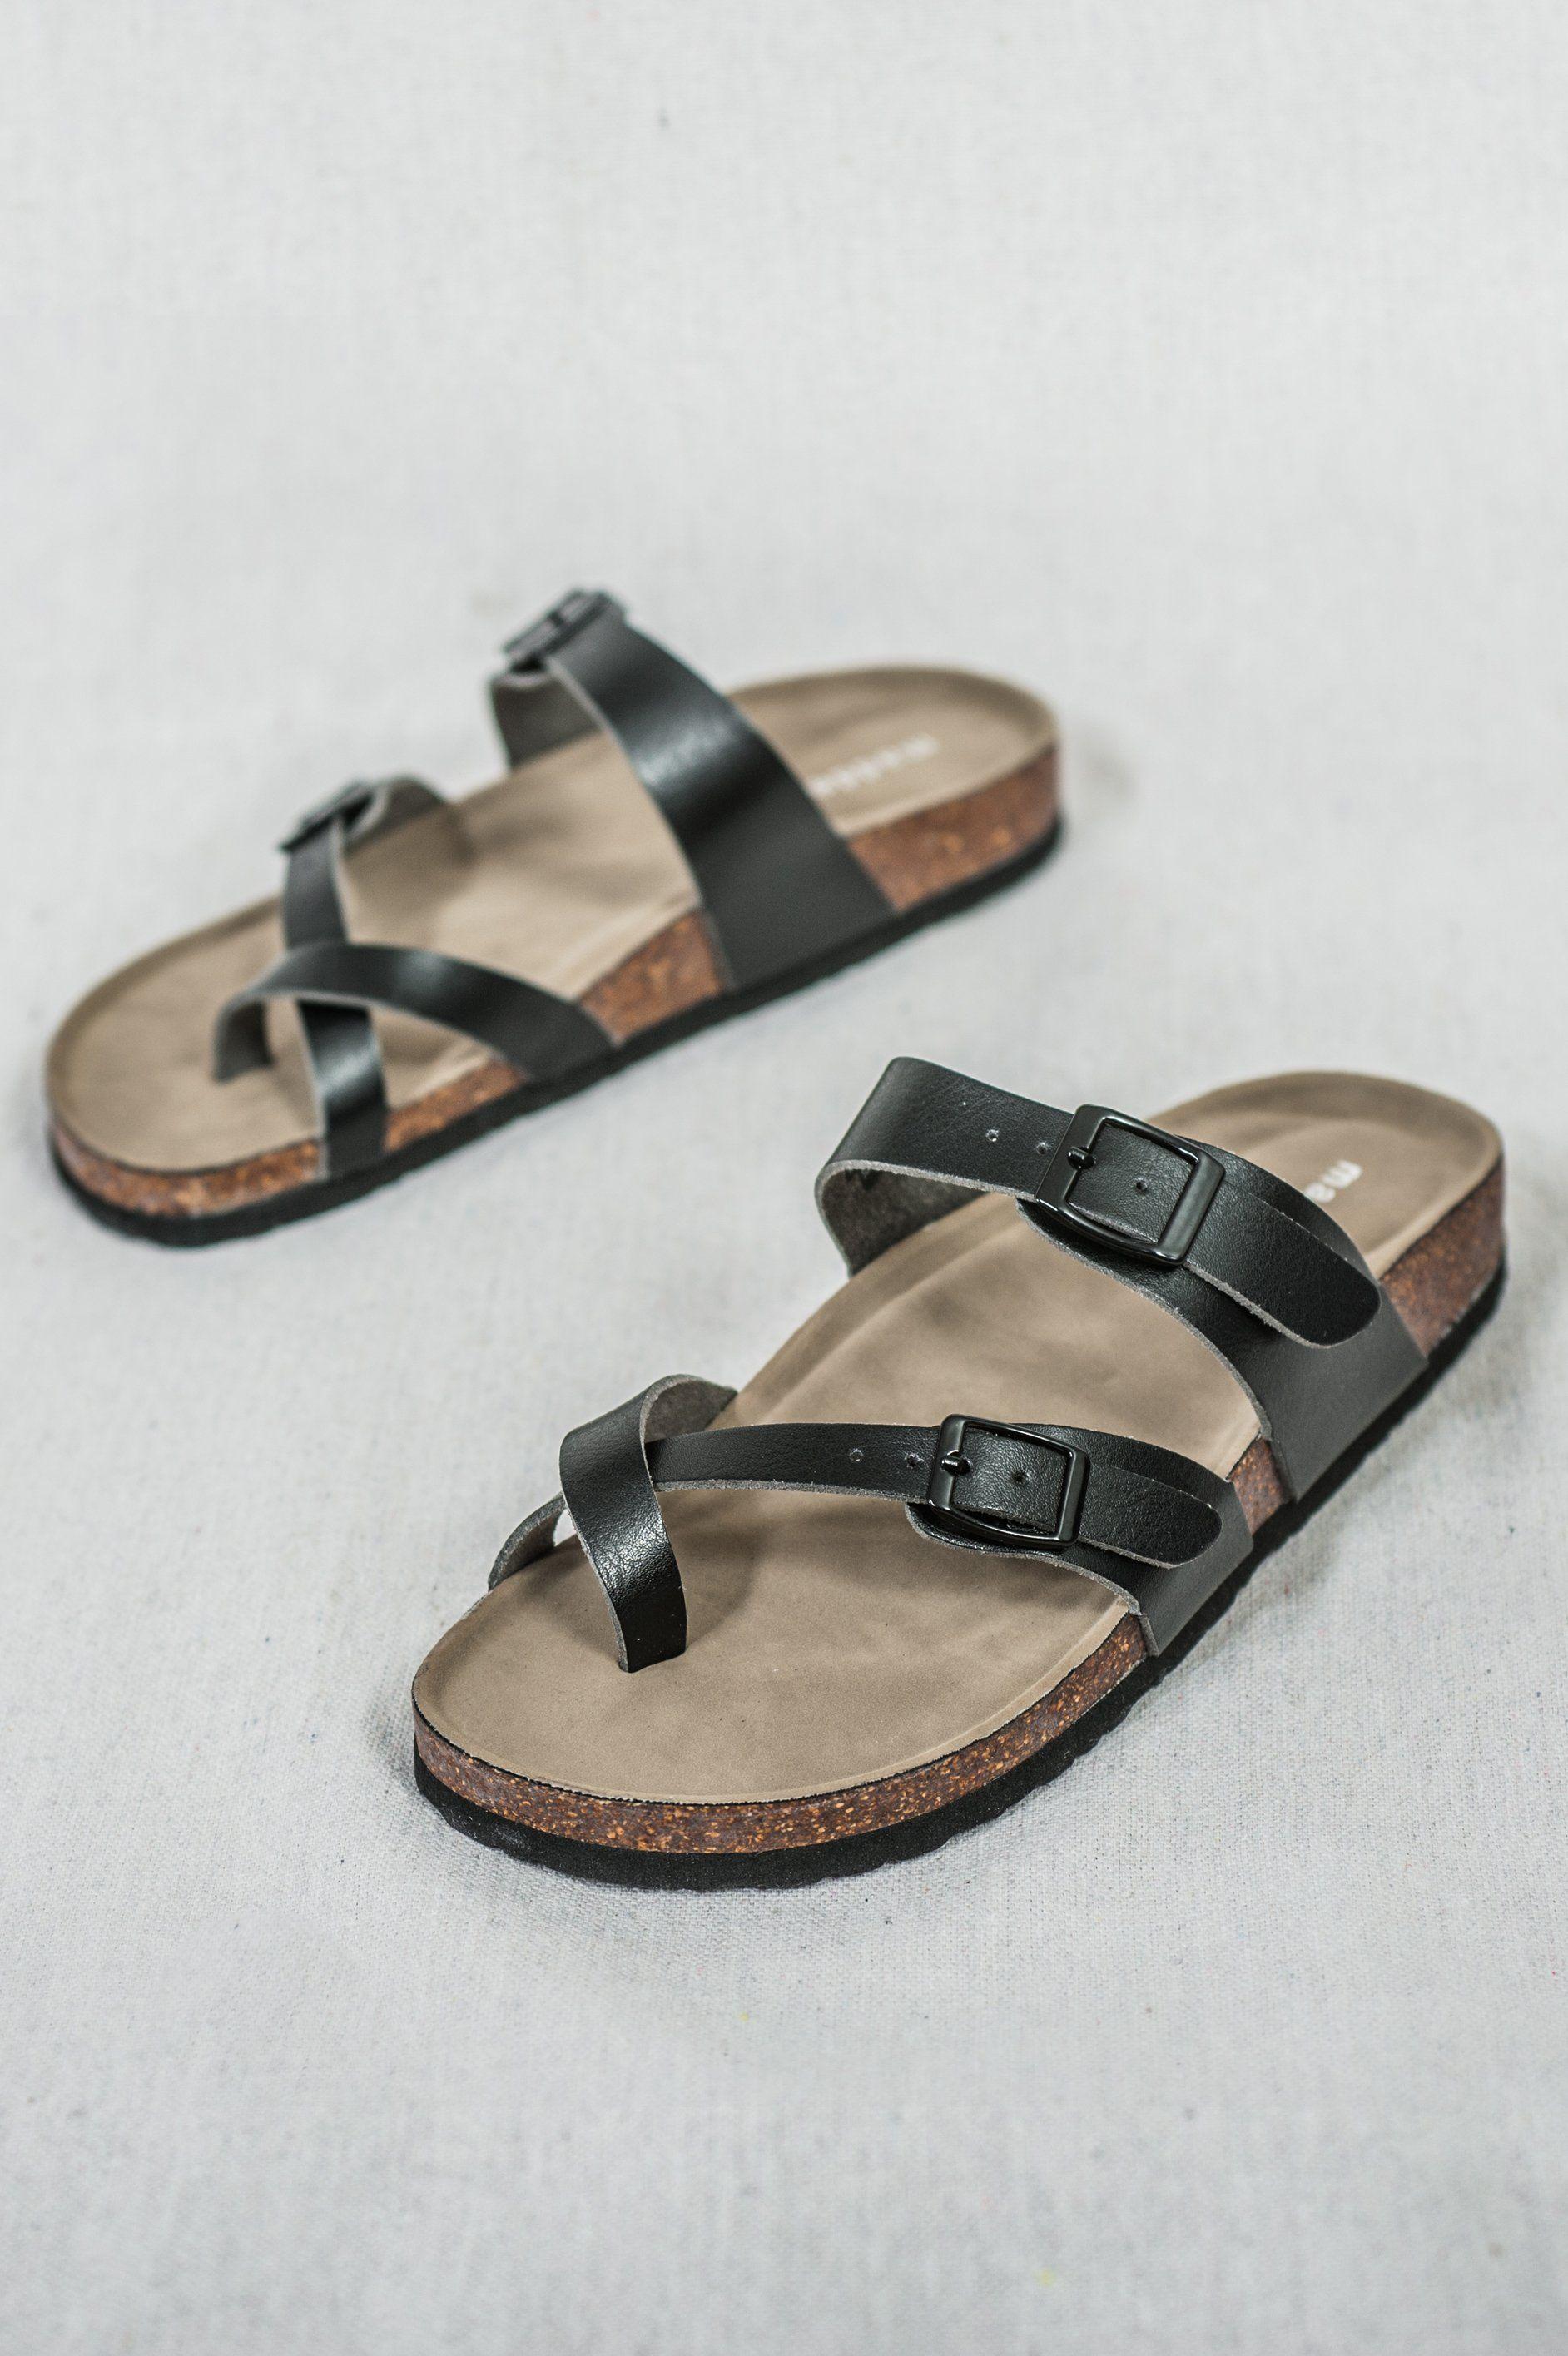 fdcd63de1bb9 Madden Girl Black Birkenstock Style Sandal